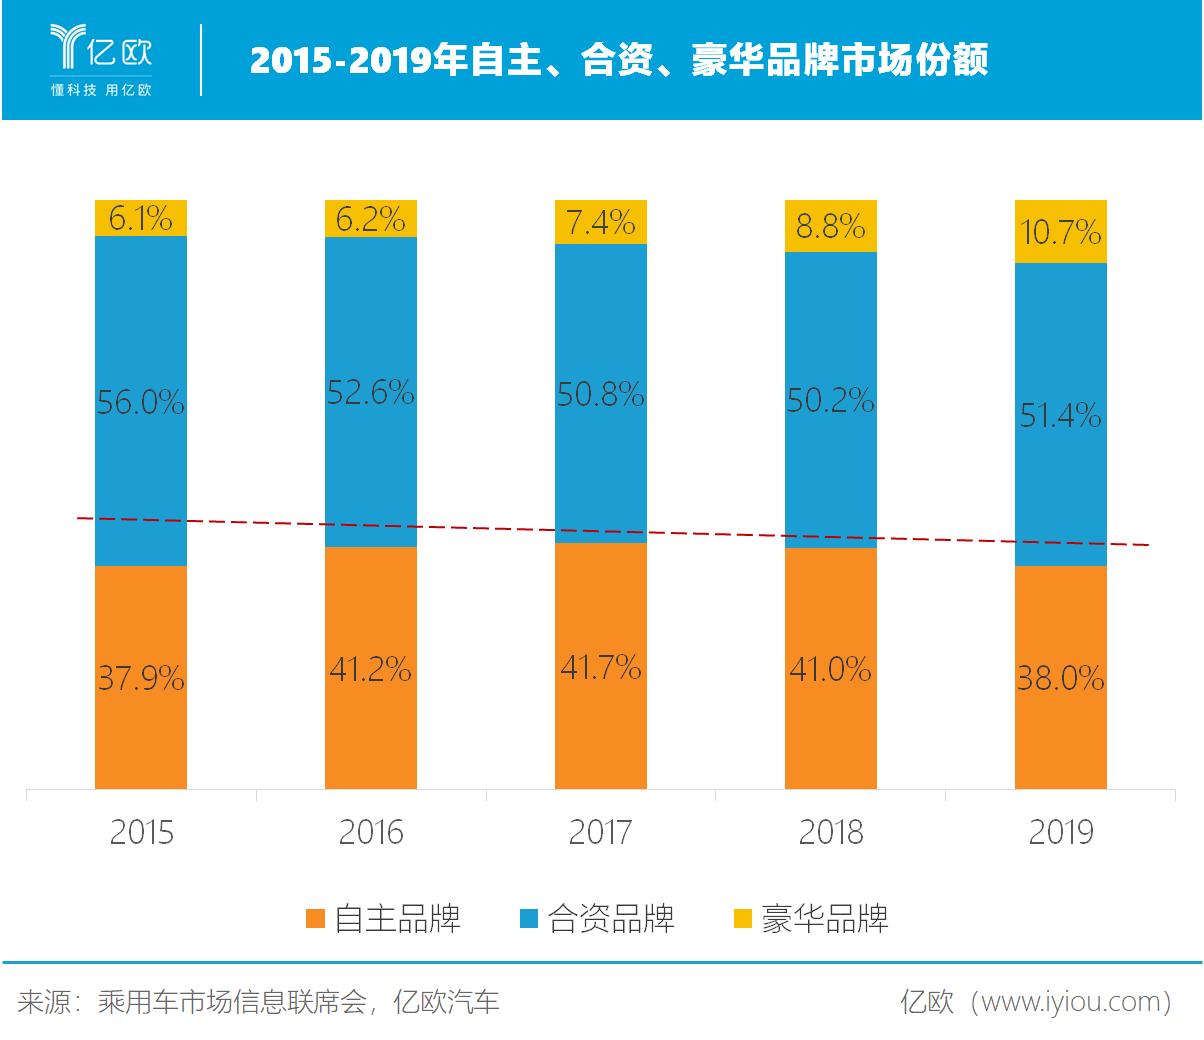 2015-2019年自主、合资、豪华品牌市场份额